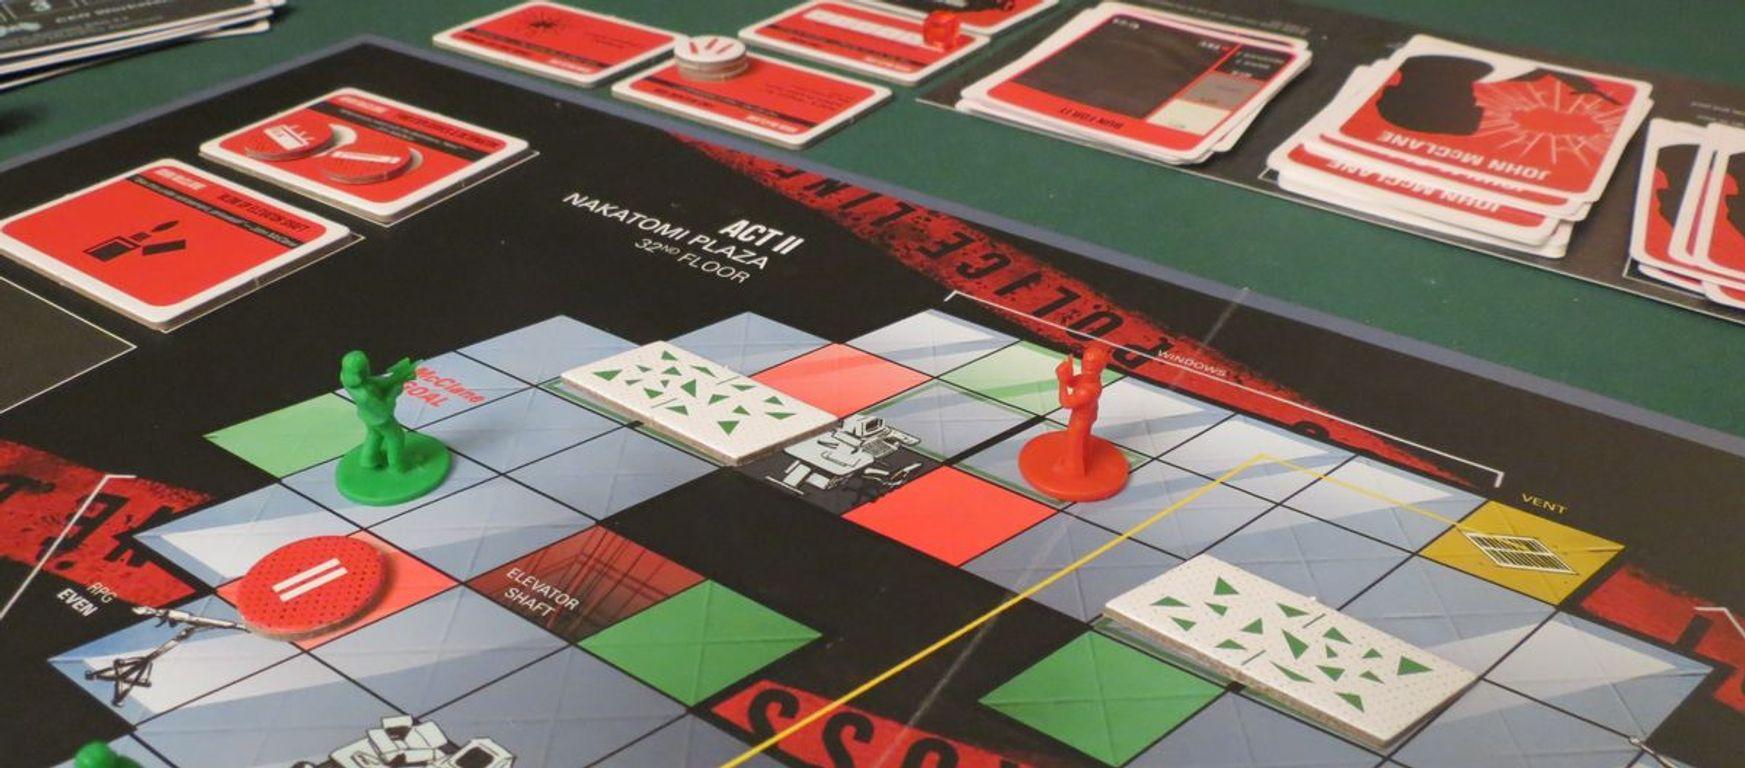 Die Hard: The Nakatomi Heist Board Game gameplay